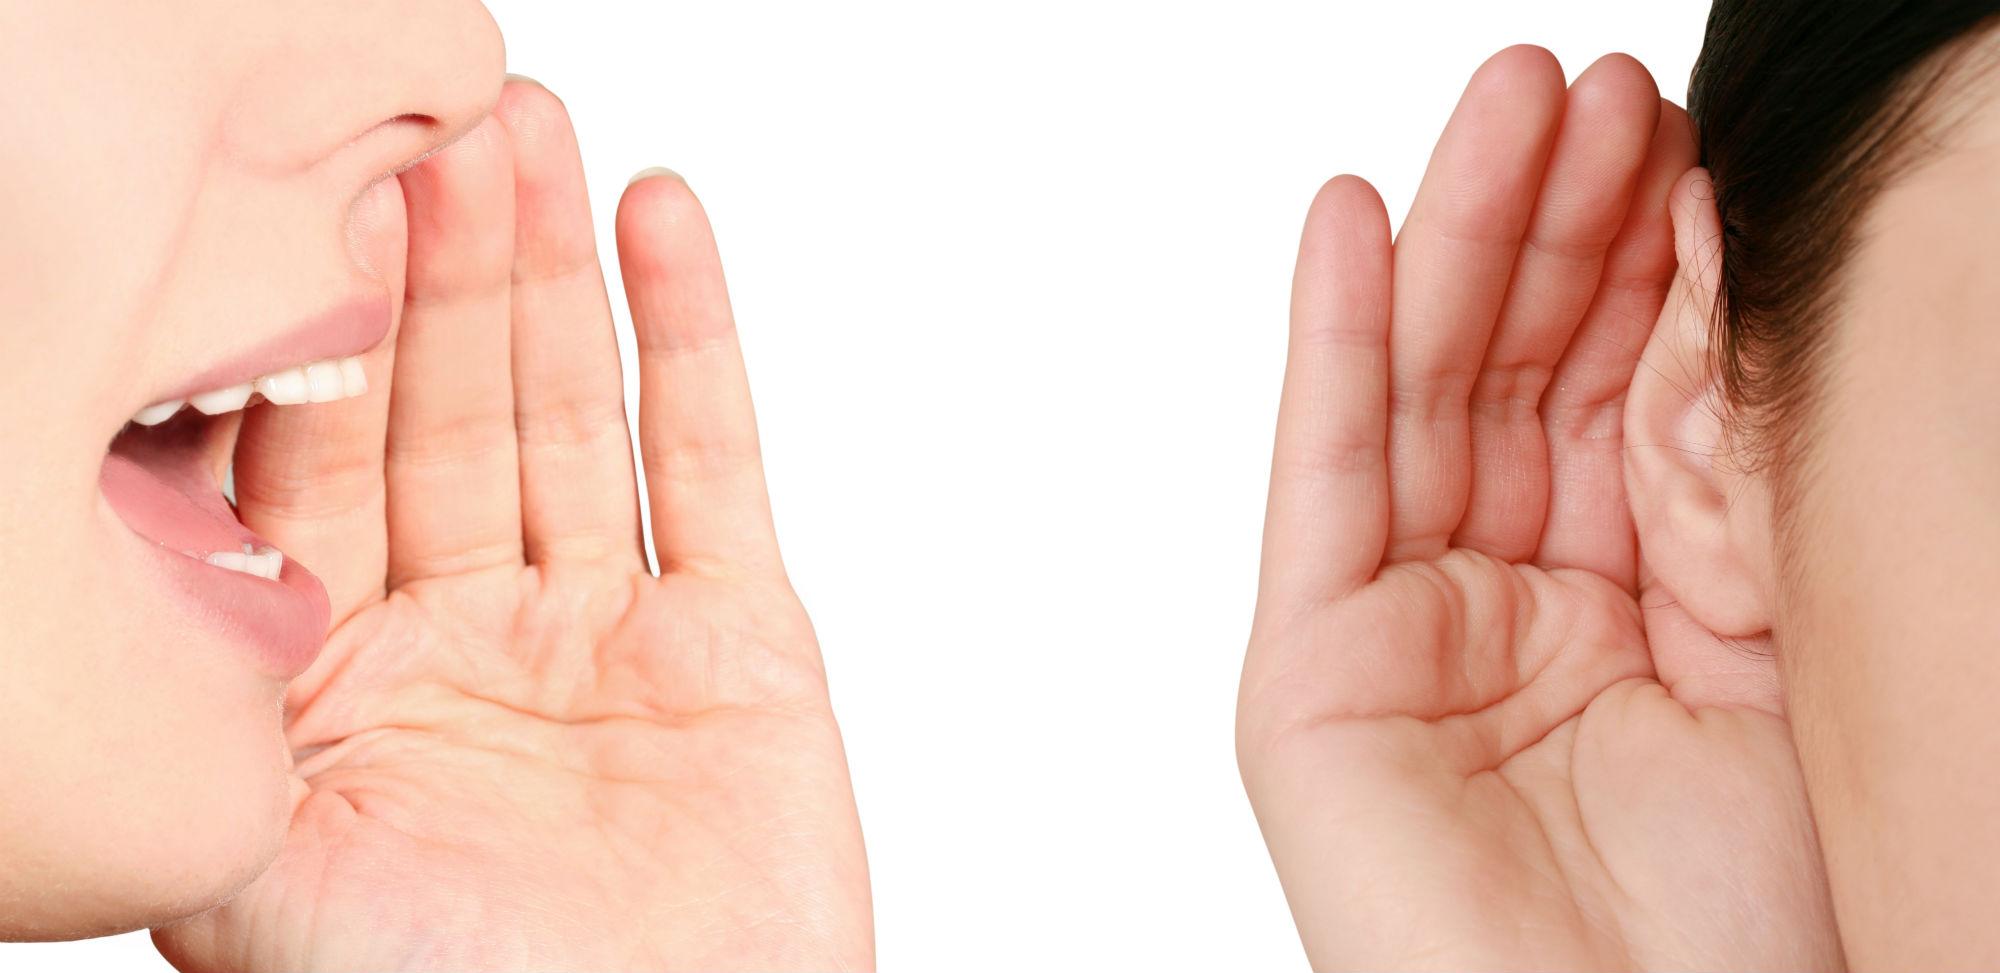 Guia de surdez e como identificar precocemente uma perda auditiva